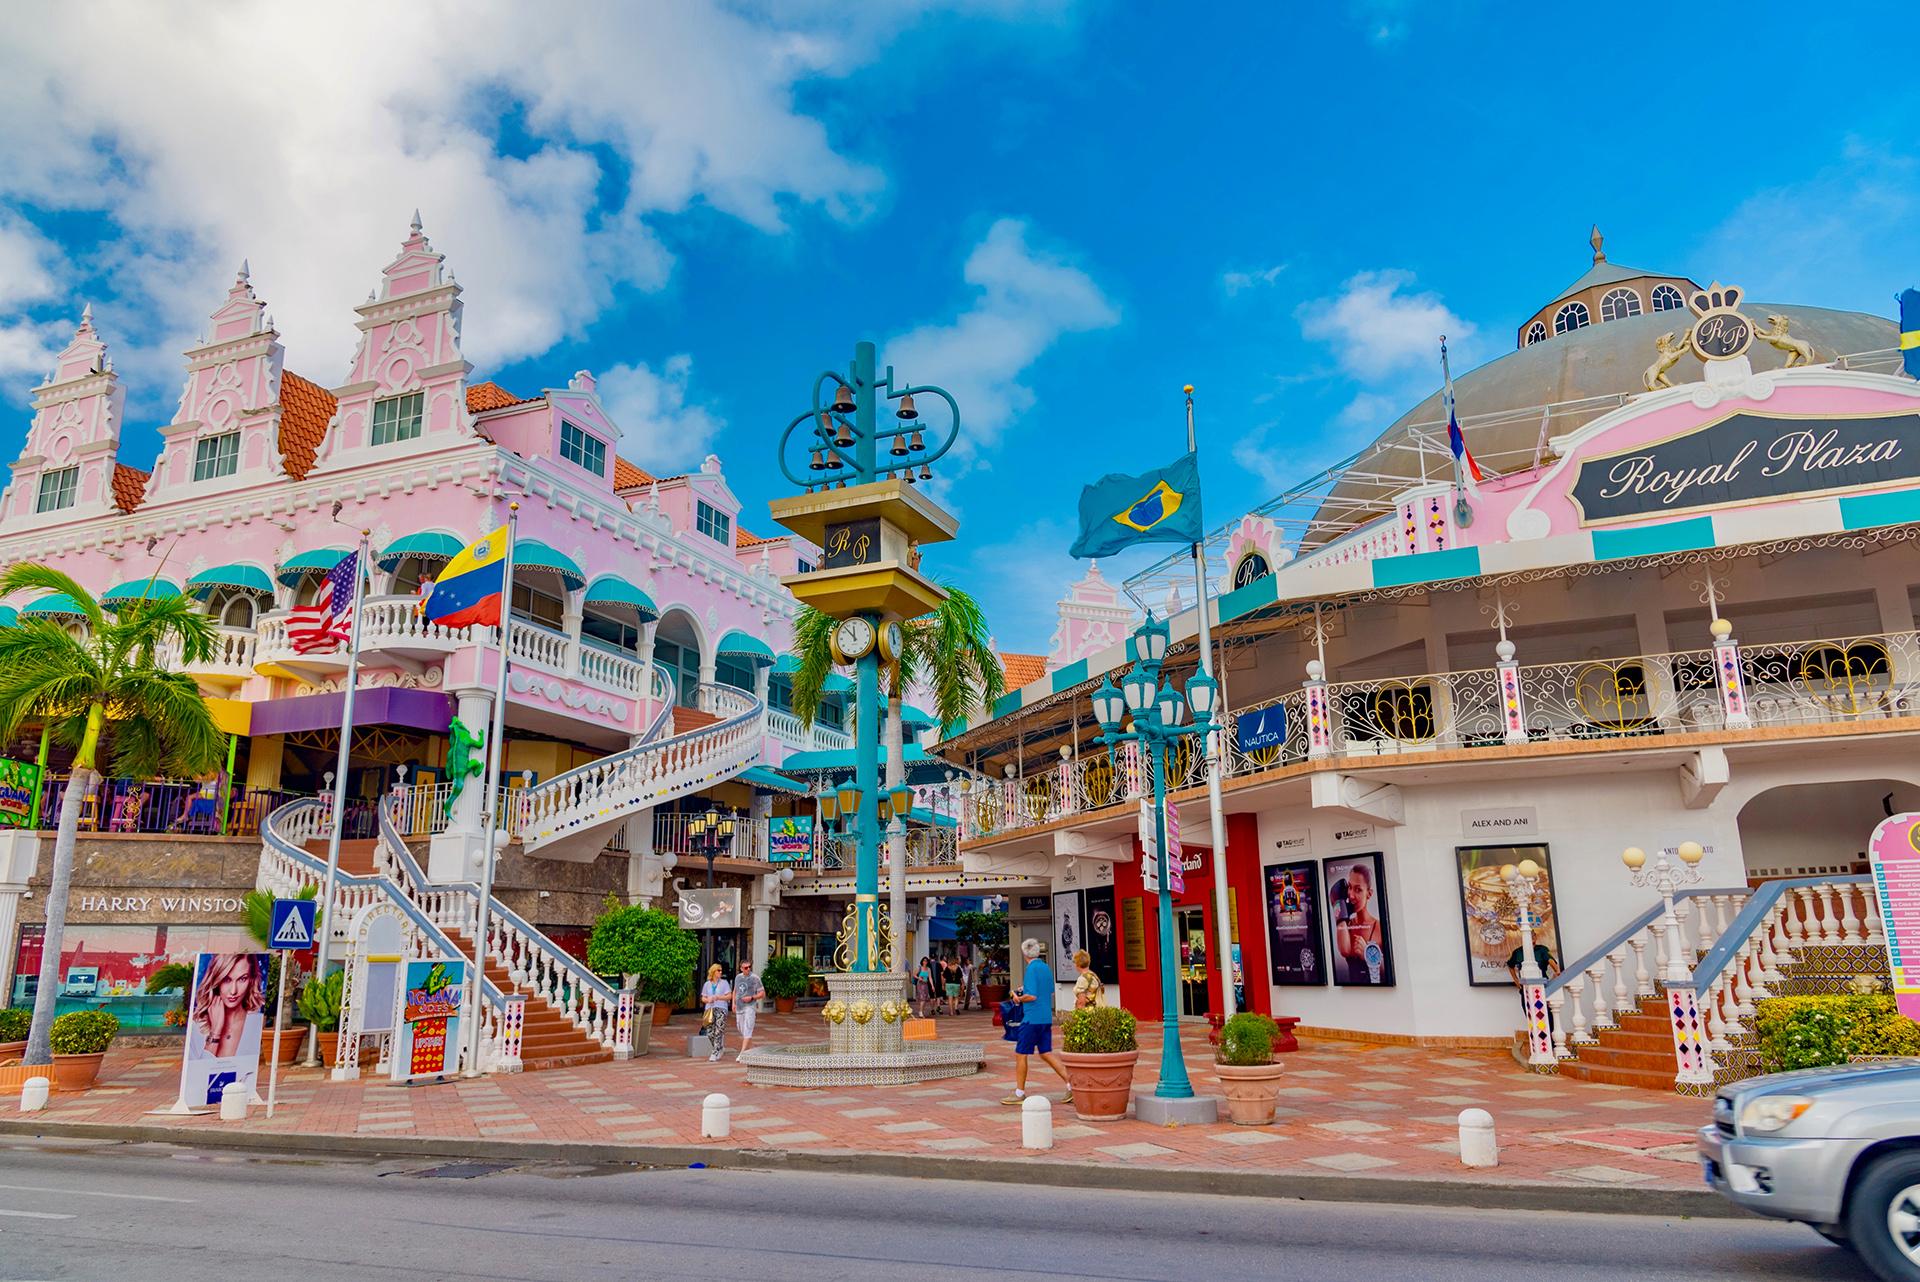 Aruba, una isla holandesa en el Caribe, obtiene el 27,64% de su PIB del turismo. Ha registrado solo 101 casos de coronavirus durante el brote y ha reportado cero casos en junio. Planea abrir sus fronteras con los Estados Unidos el 10 de julio y con Europa, Canadá y la mayoría de las otras naciones del Caribe el 1 de julio. Se espera que sus números de turismo de julio sean aproximadamente el 20% de los que tenía en julio de 2019